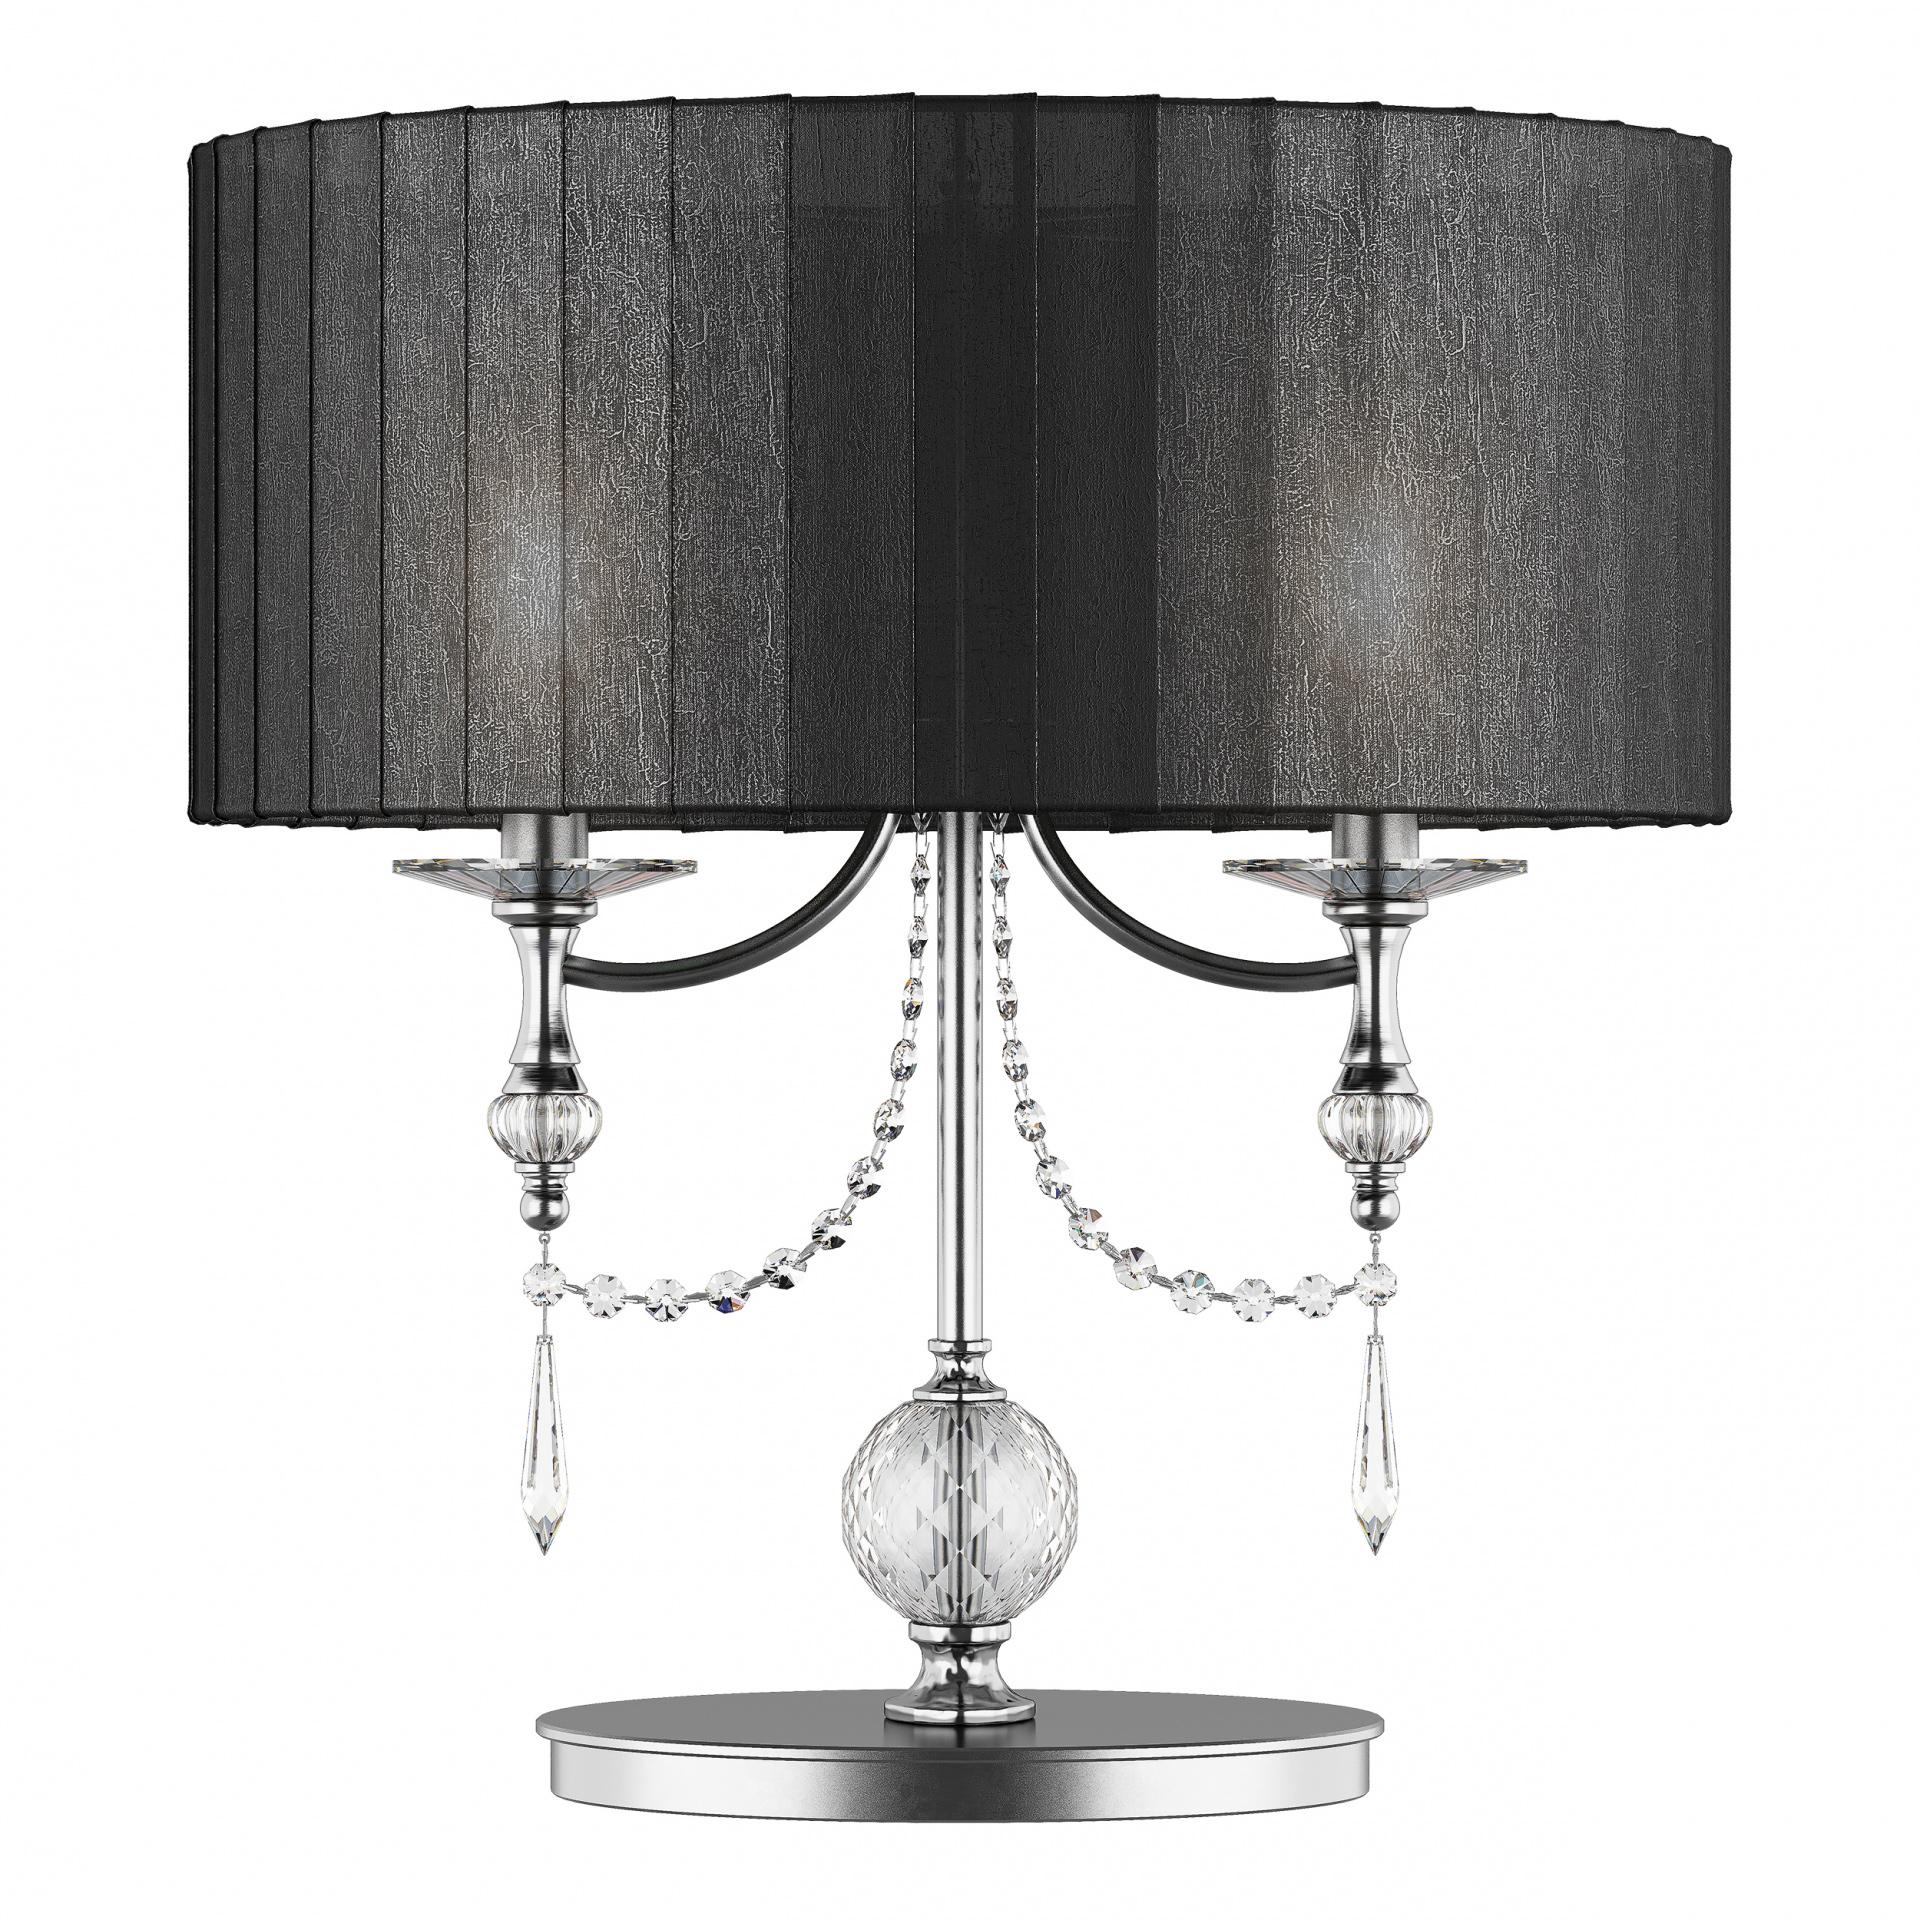 Настольная лампа ParAlume 2х40W E14 черный Lightstar 725927, купить в СПб, Москве, с доставкой, Санкт-Петербург, интернет-магазин люстр и светильников Starlight, фото в жизни